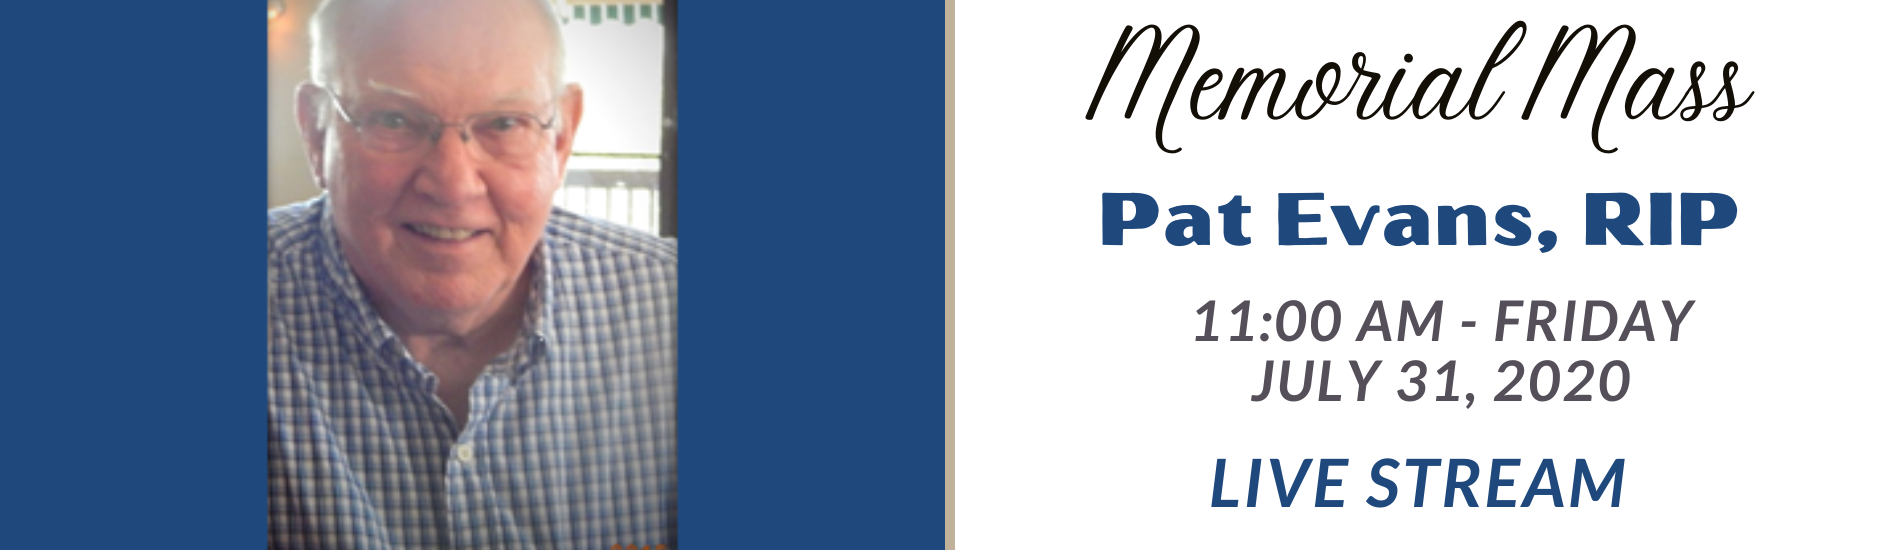 Pat Evans Memorial Page